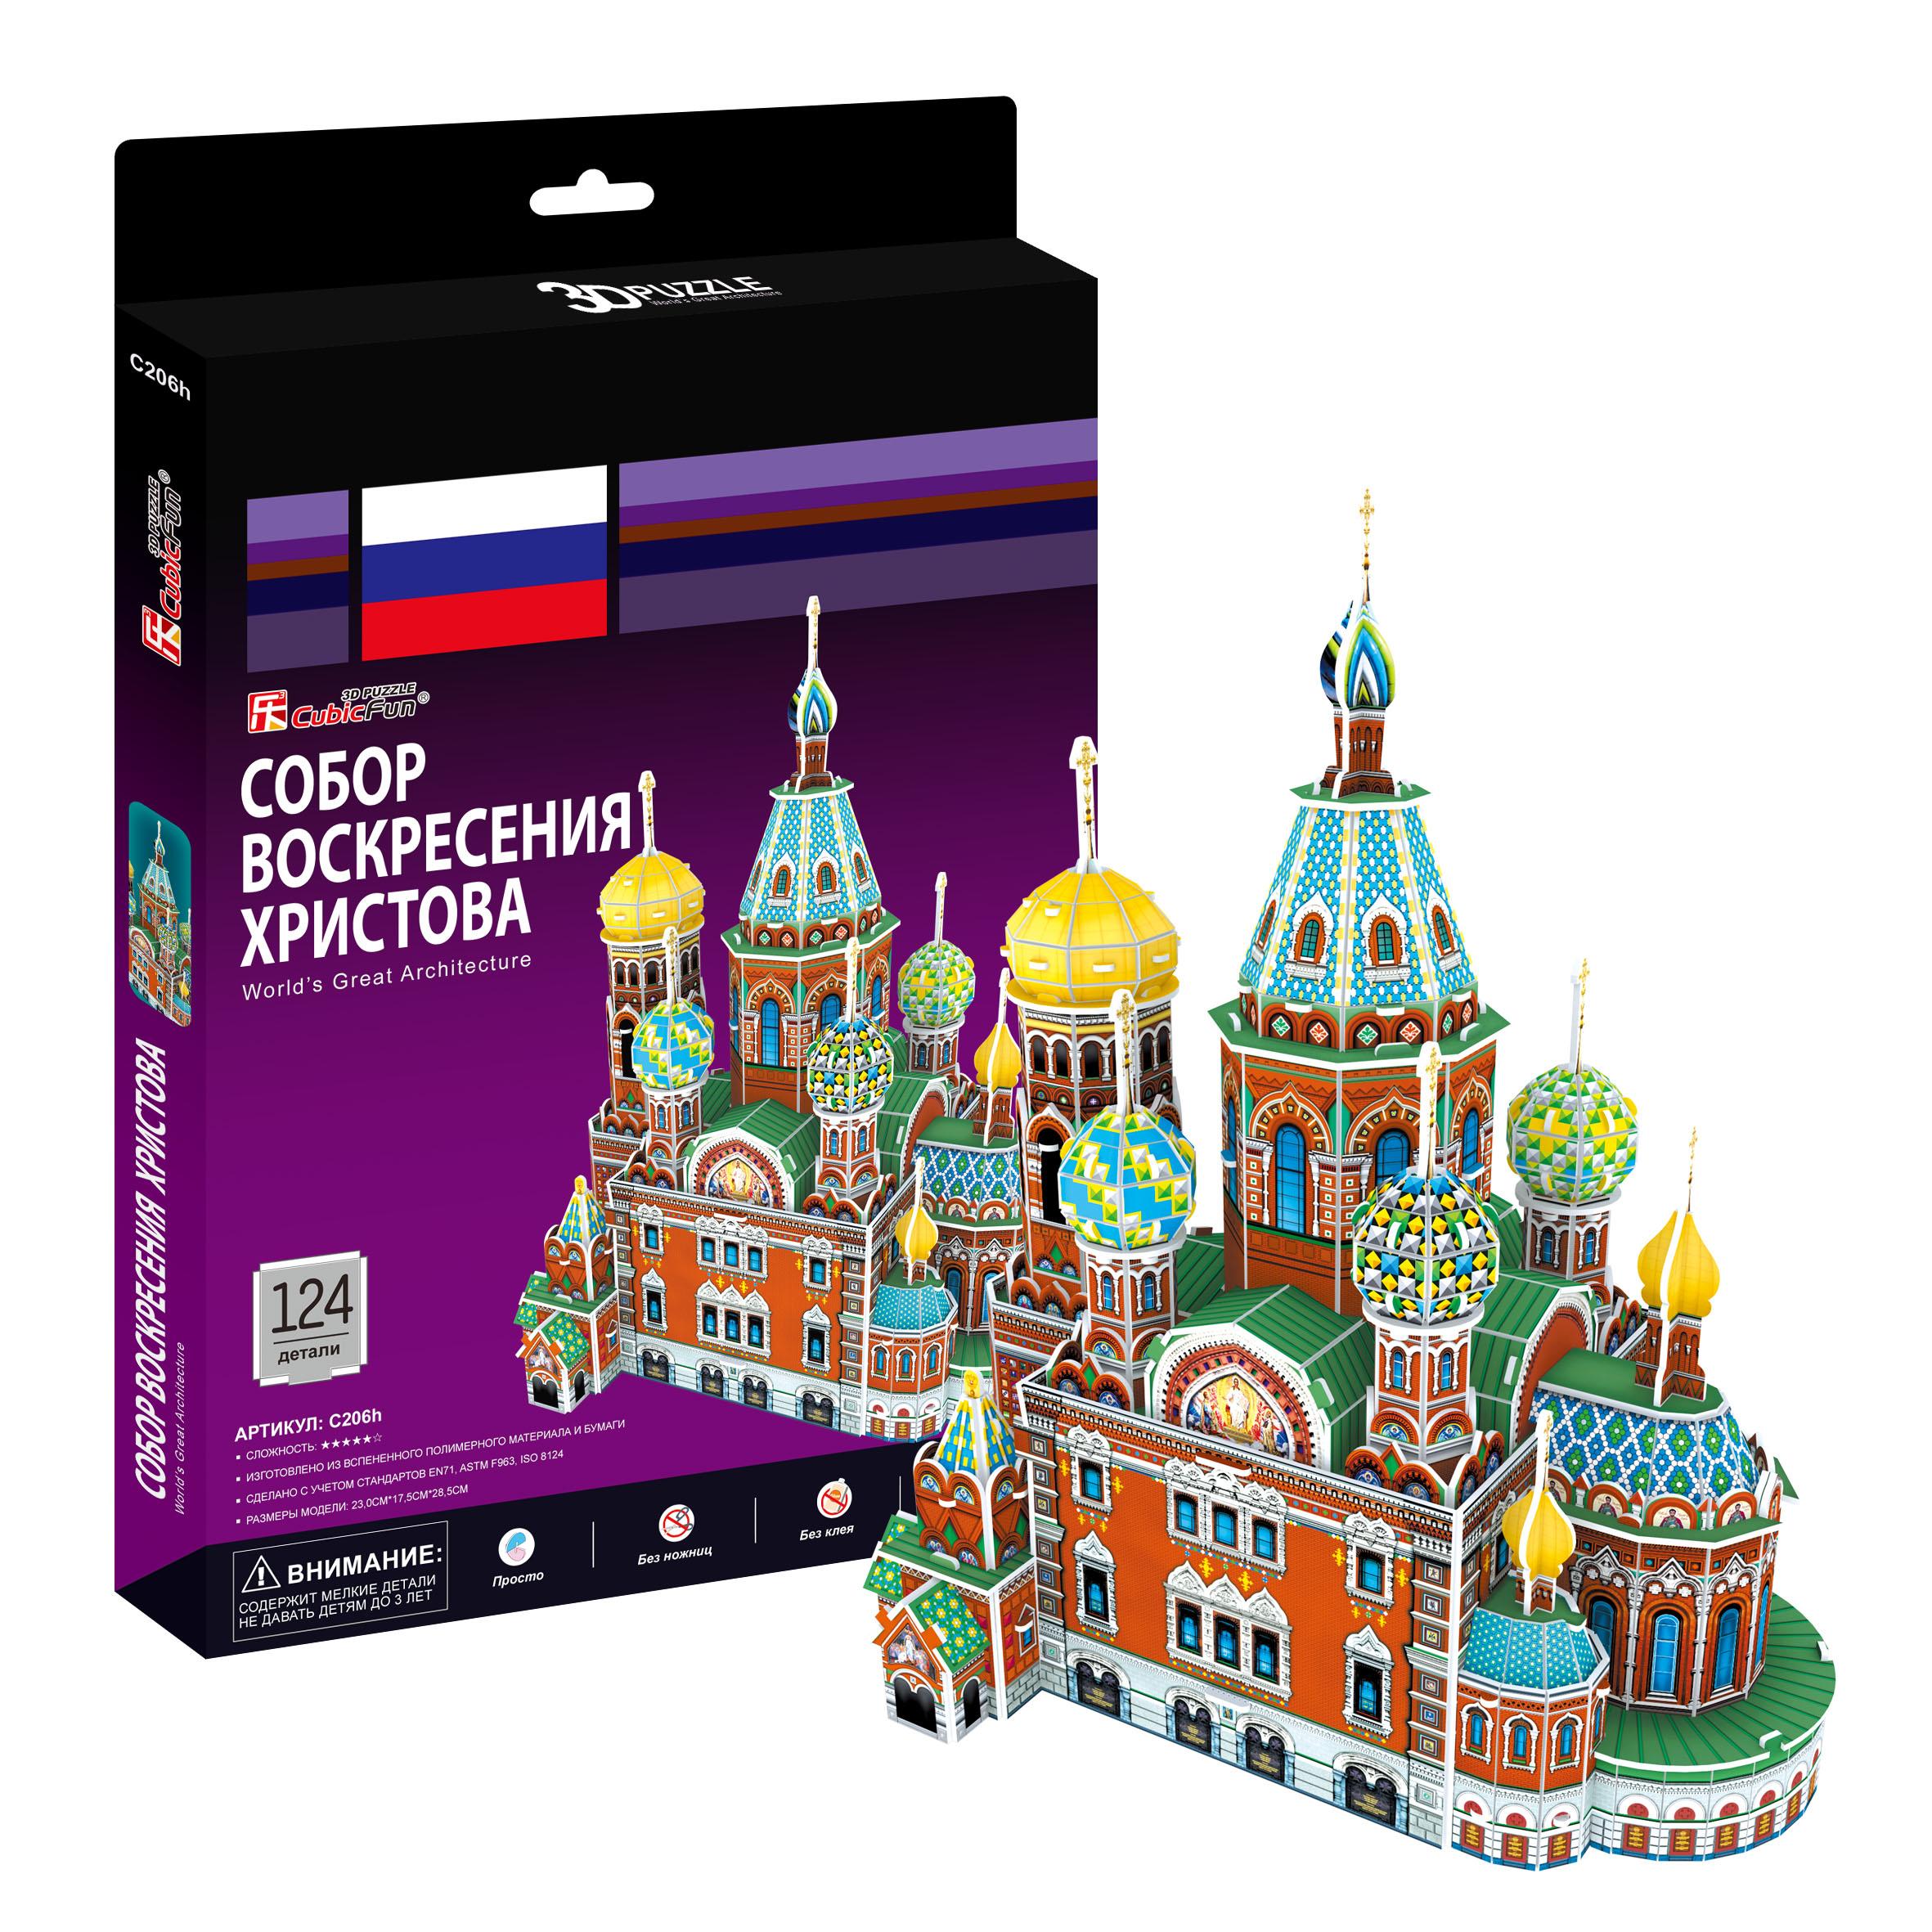 Купить Cubic Fun Россия - Игрушка Собор Воскресения Христова | 3D Пазл - модель для сборки, Китай